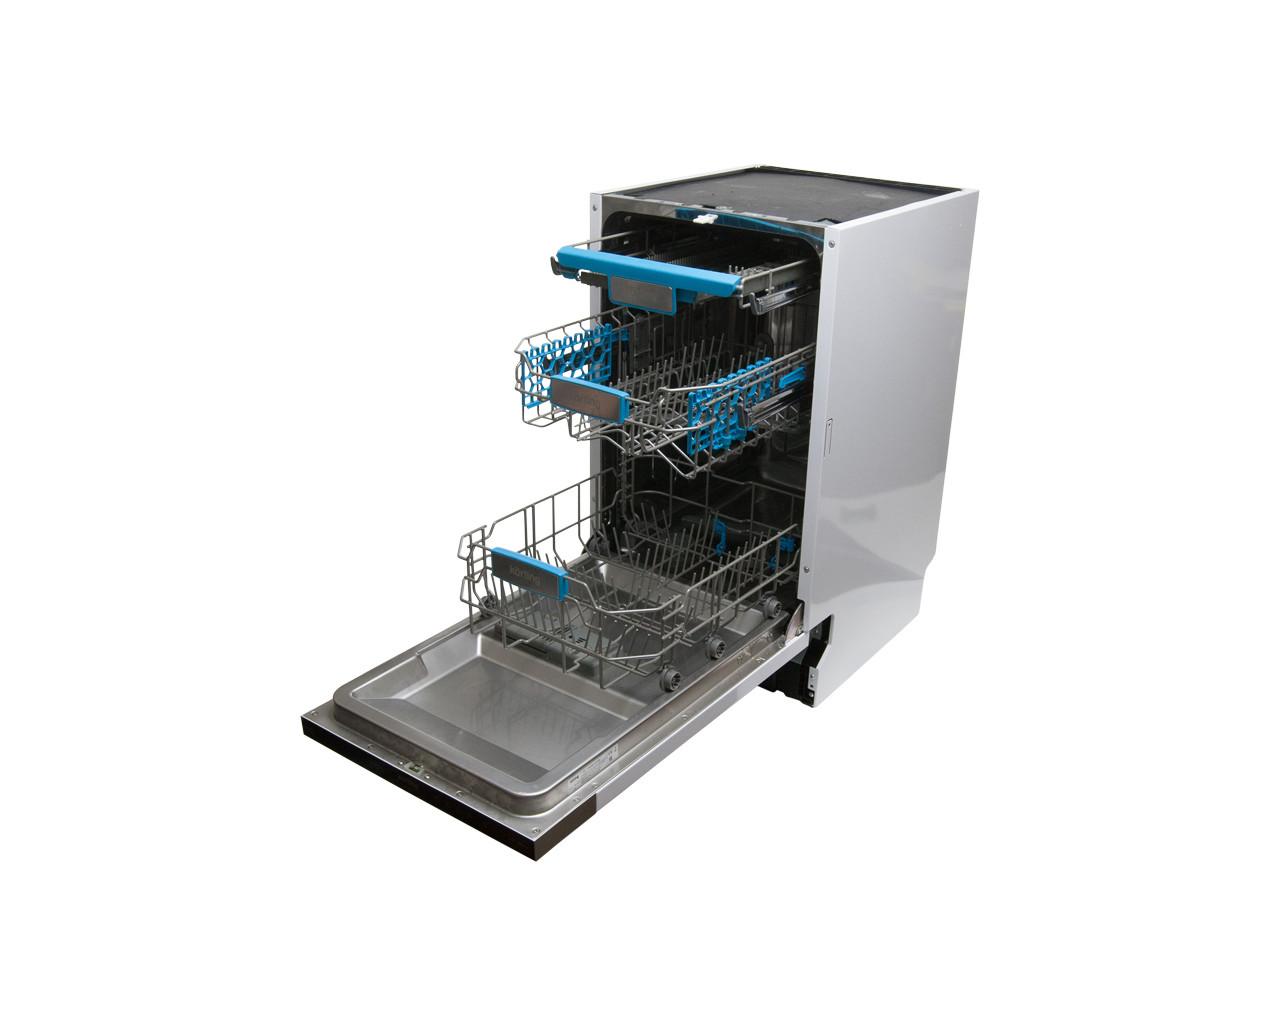 Посудомоечная машина korting kdi 45175 - купить | цены | обзоры и тесты | отзывы | параметры и характеристики | инструкция